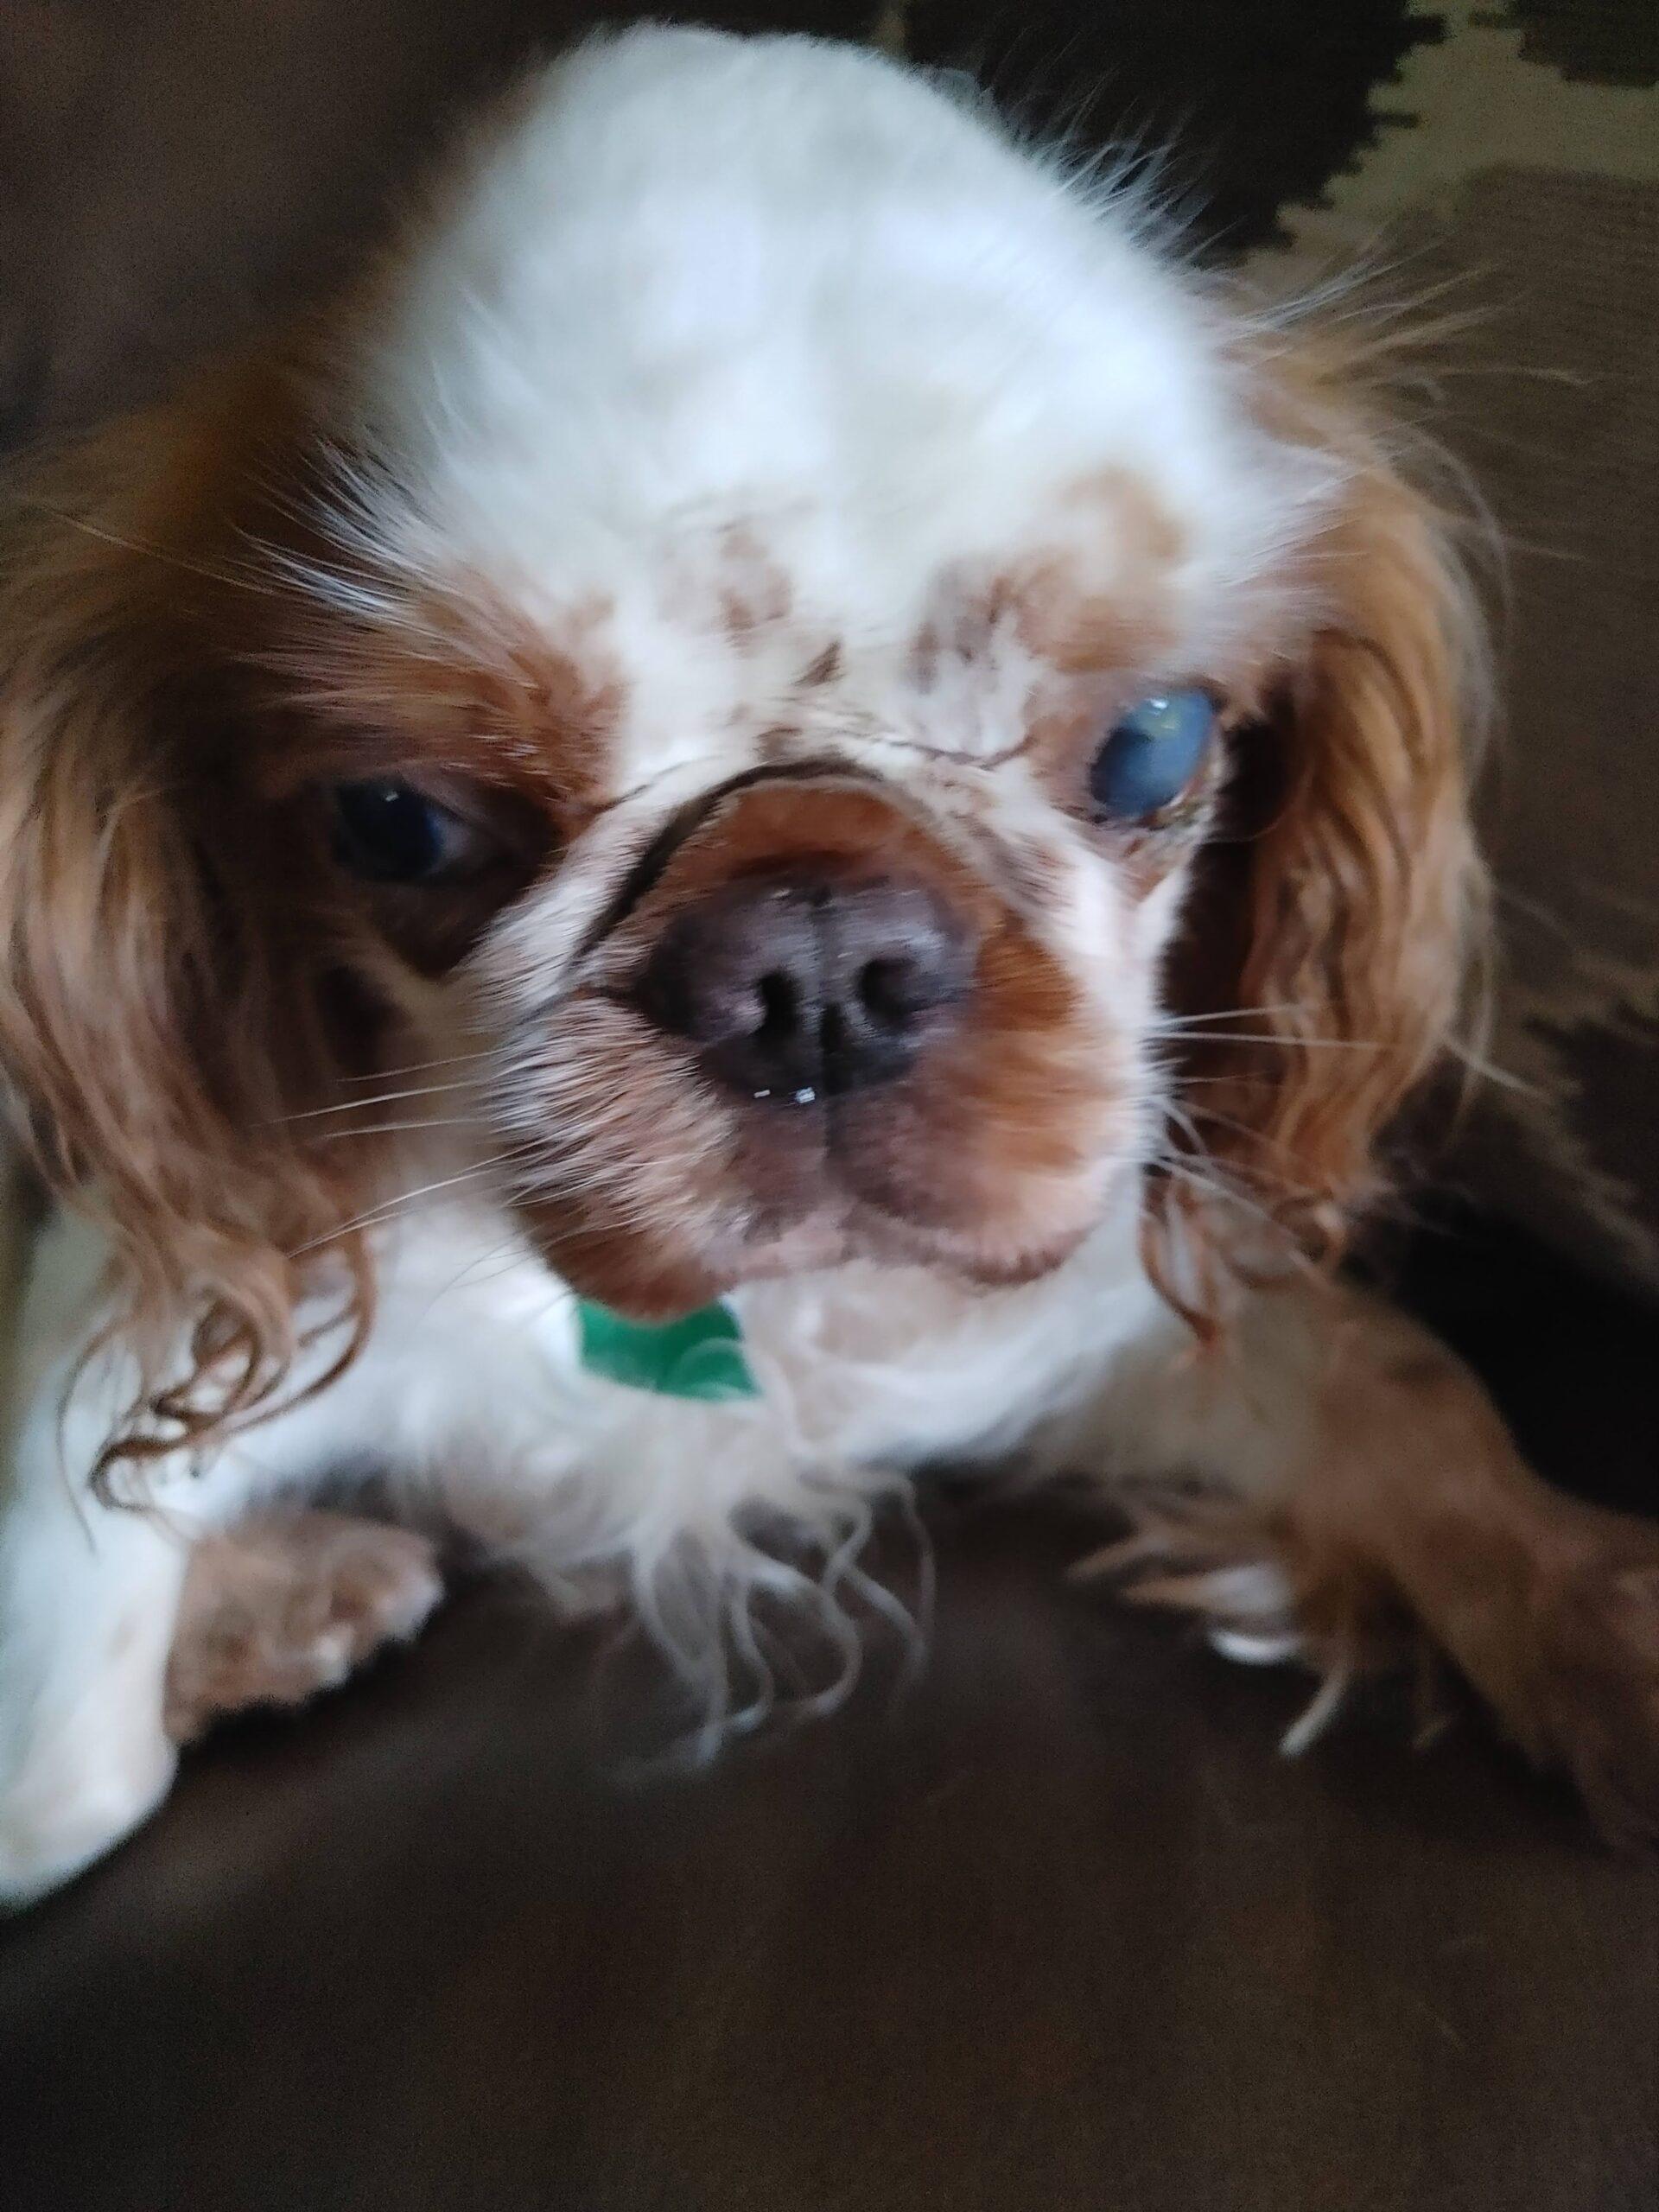 sweet little Winston